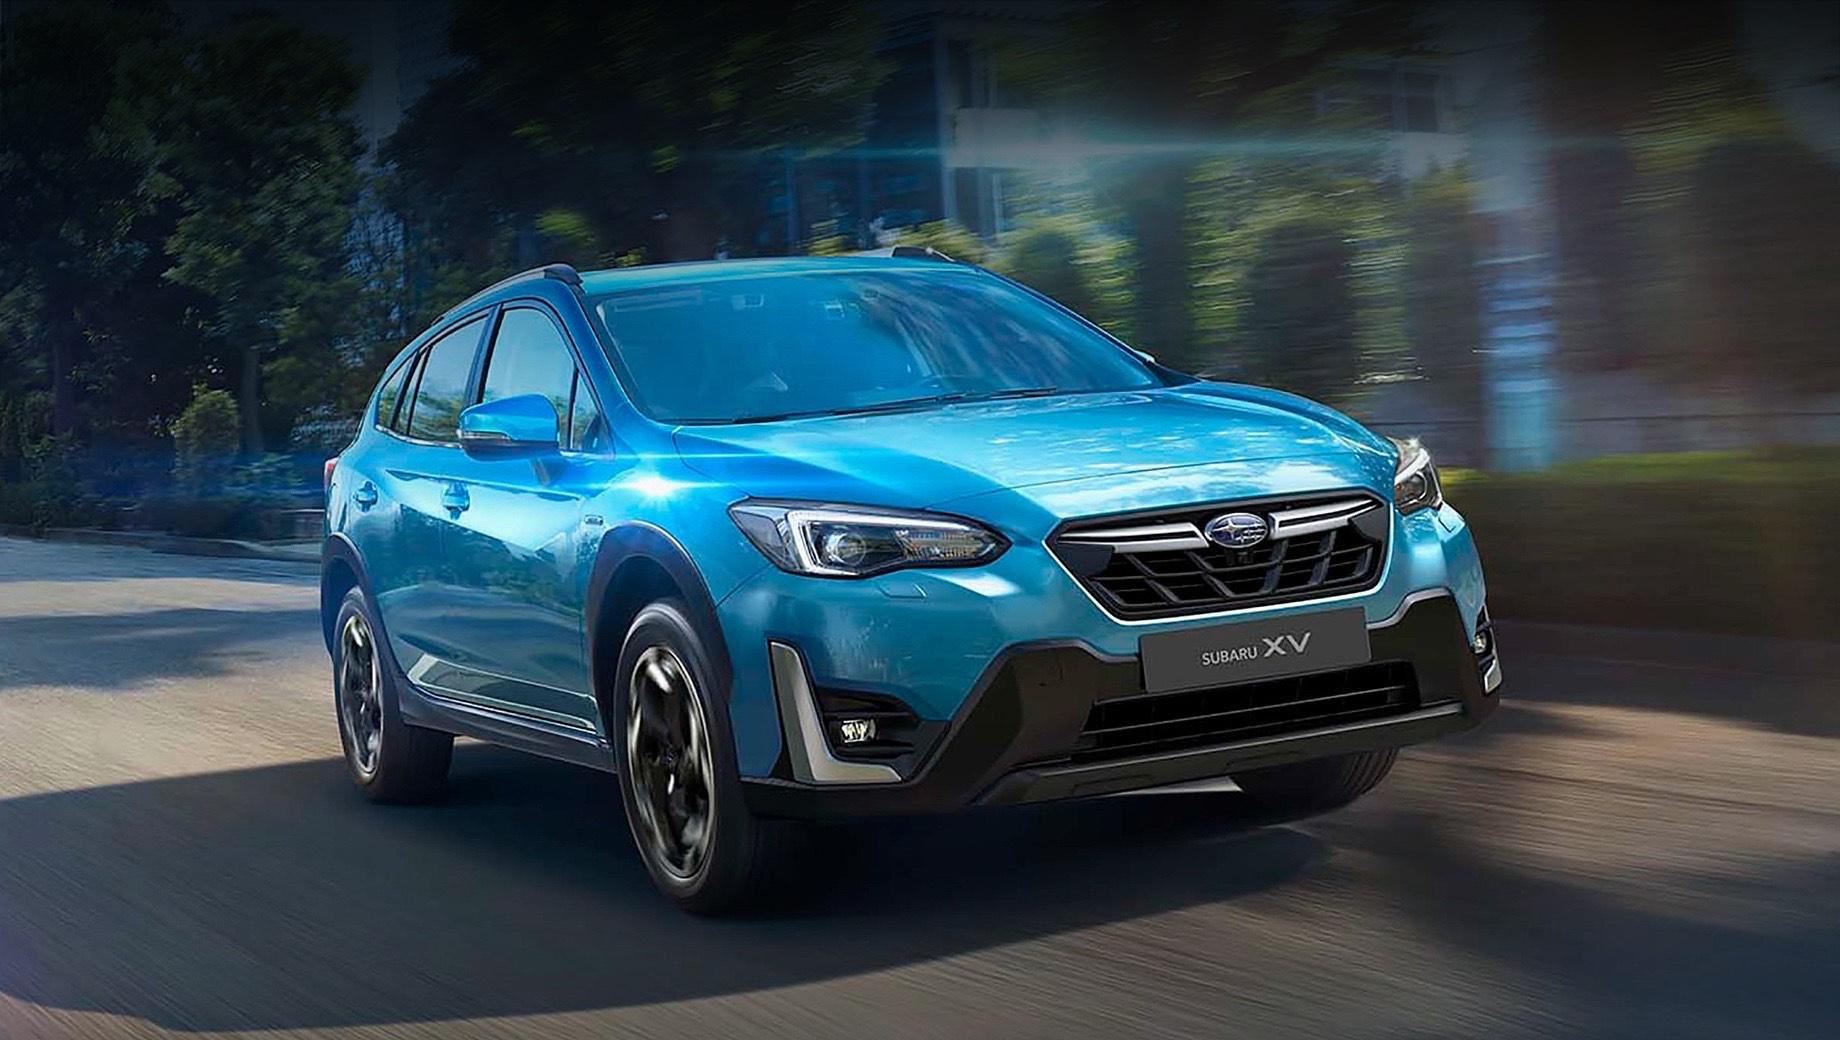 Обновлённый кроссовер Subaru XV доберётся до России весной